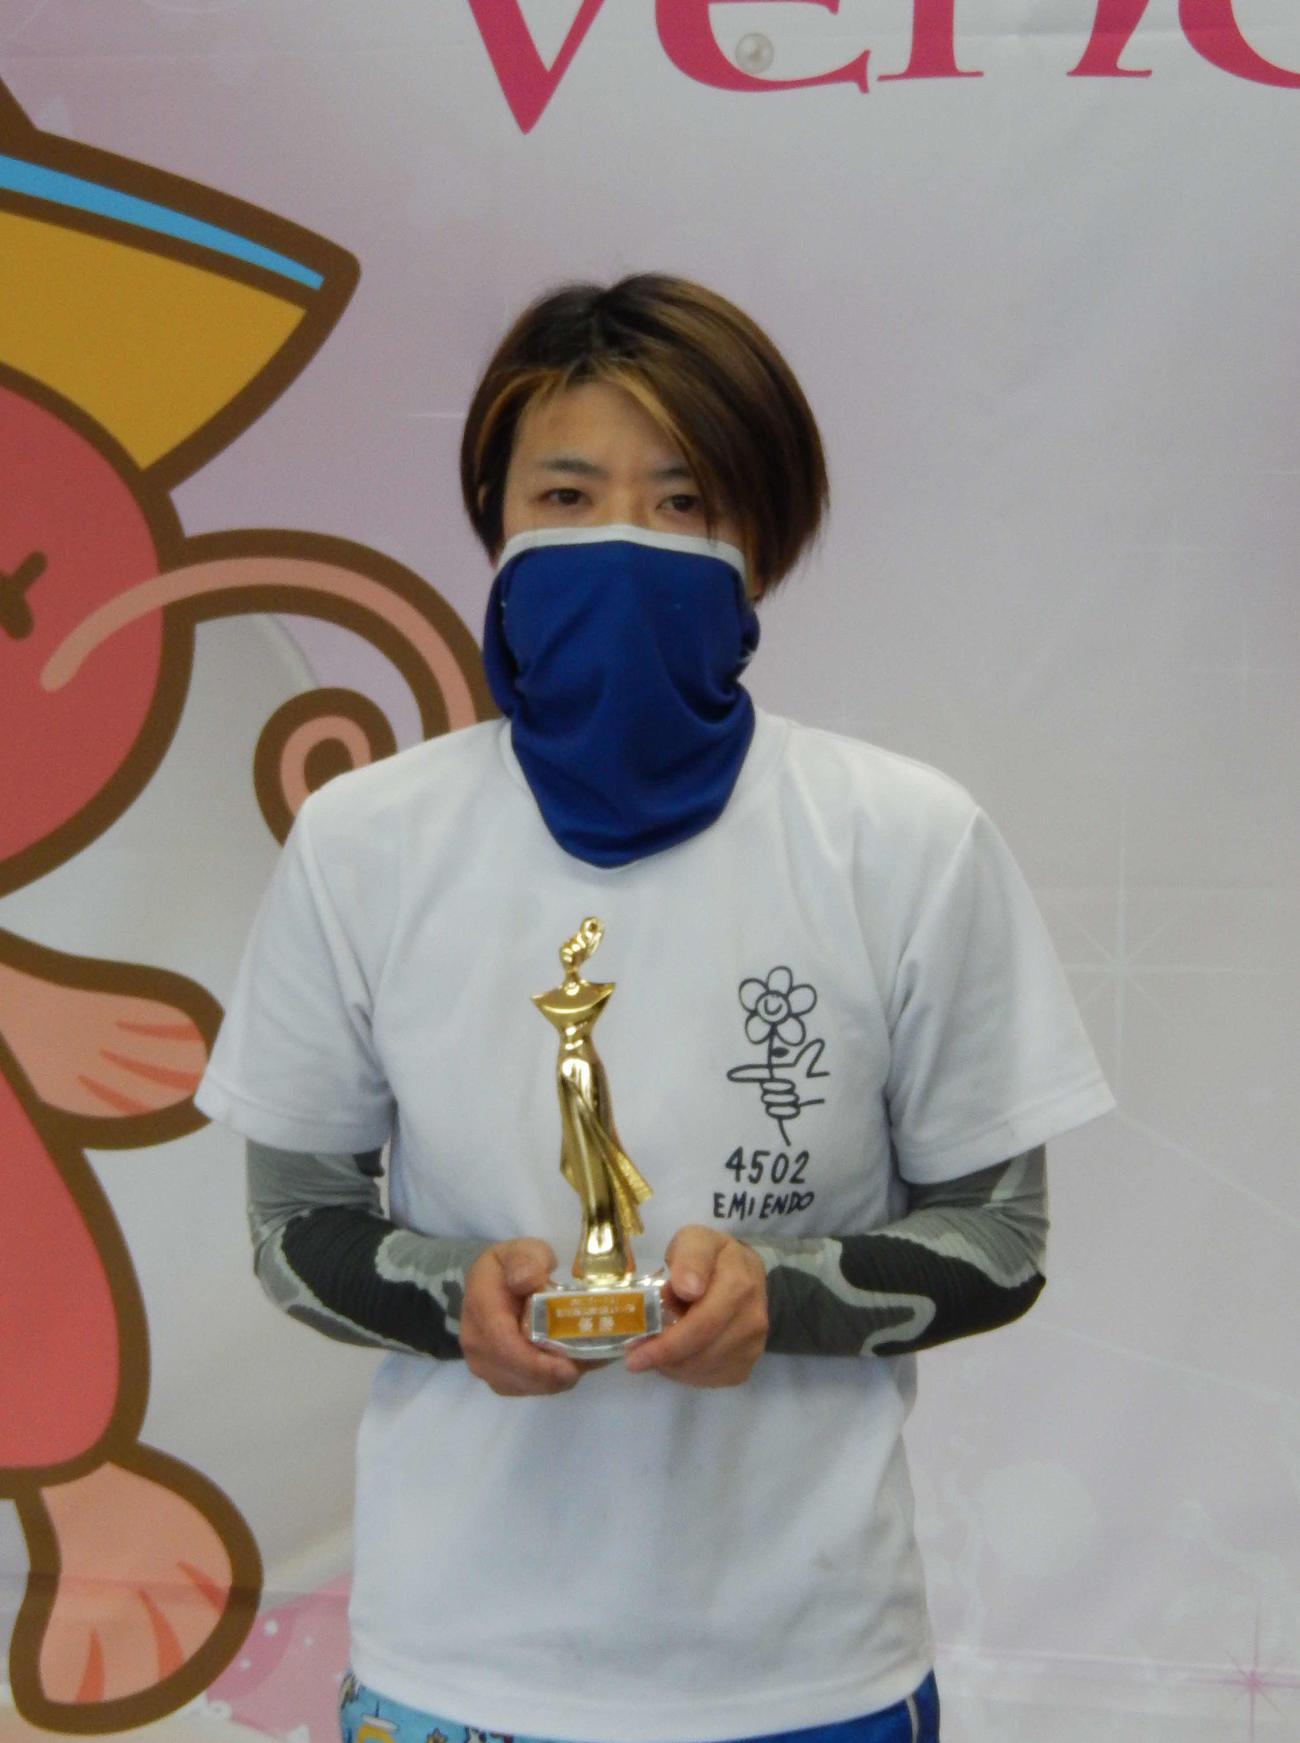 遠藤エミが2M逆転を決めて、地元びわこで4回目の優勝を決めた